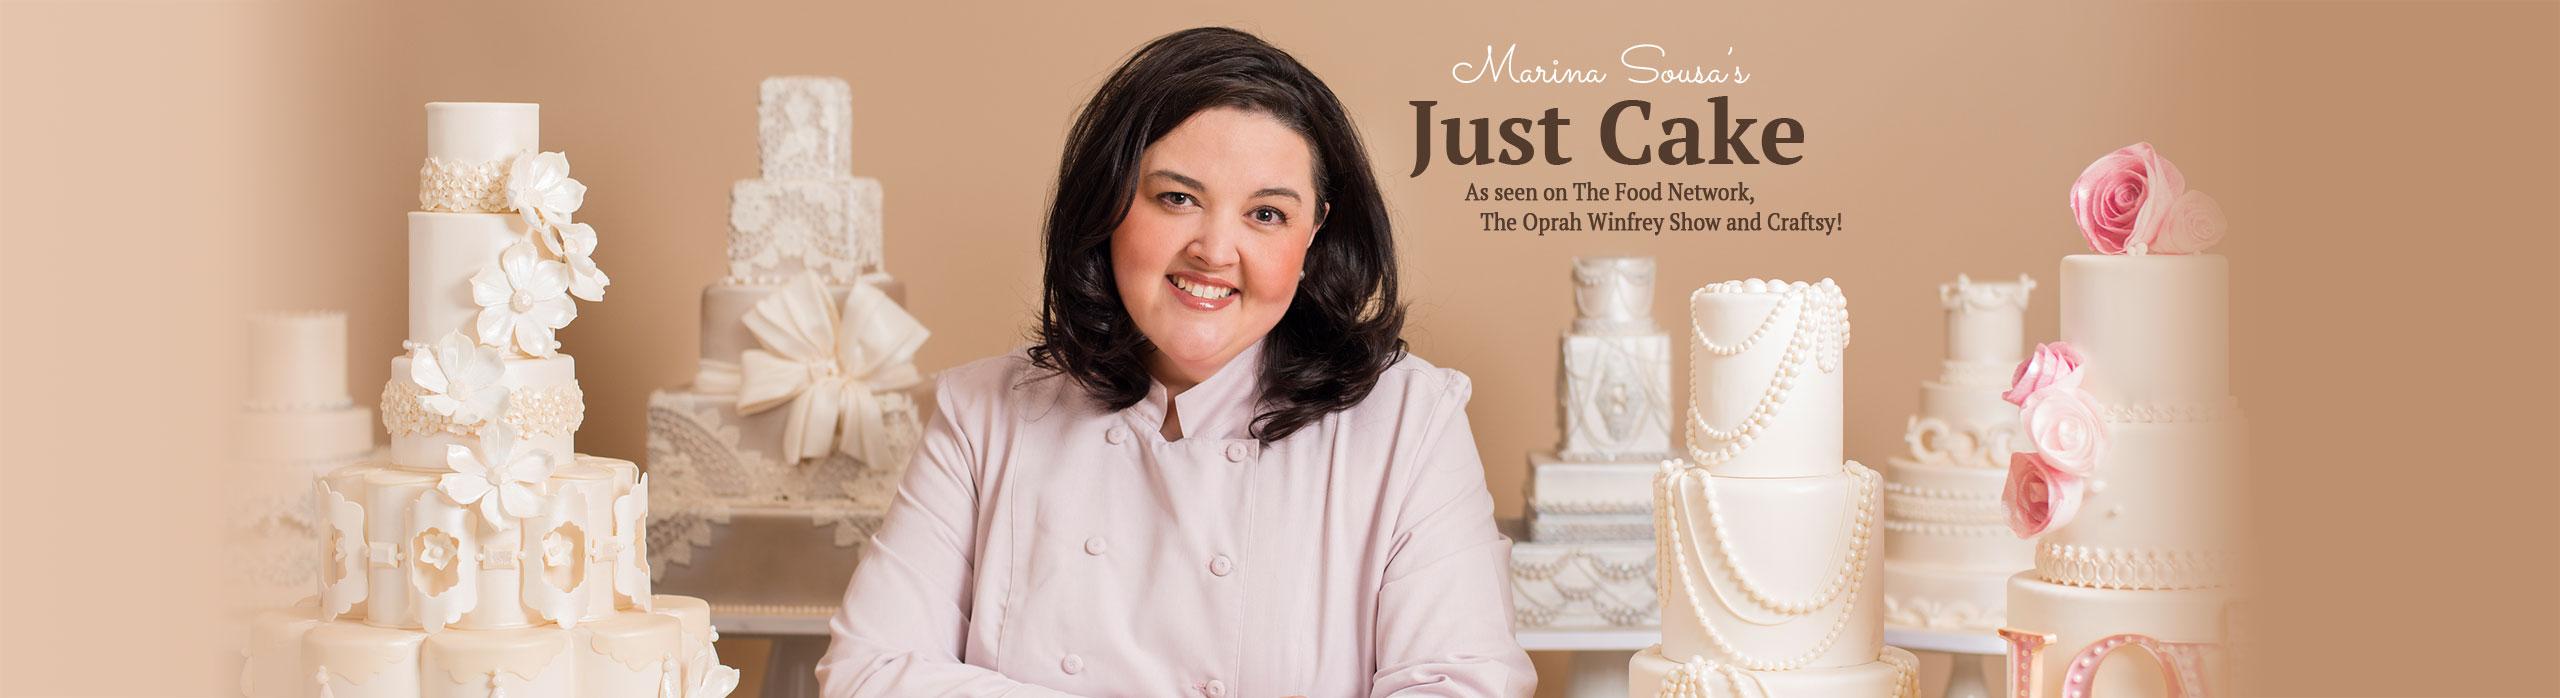 Marina Sousa's Just Cake